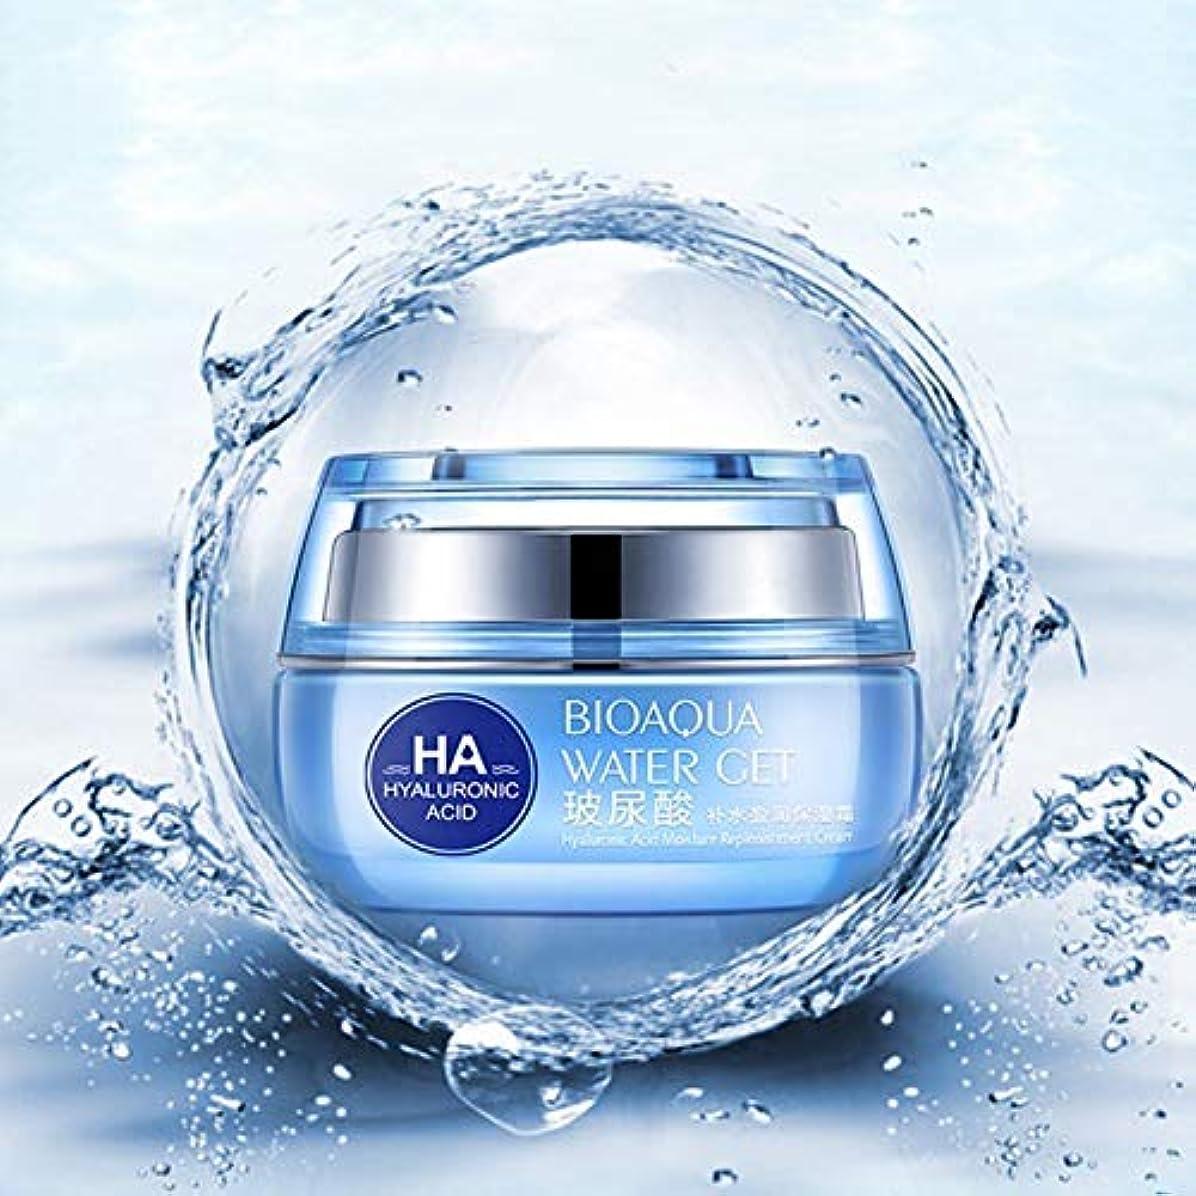 圧縮するフリッパー入手します2017の保湿剤の補充クリームフェイスケア寧HA抗しわは化粧品をKOR